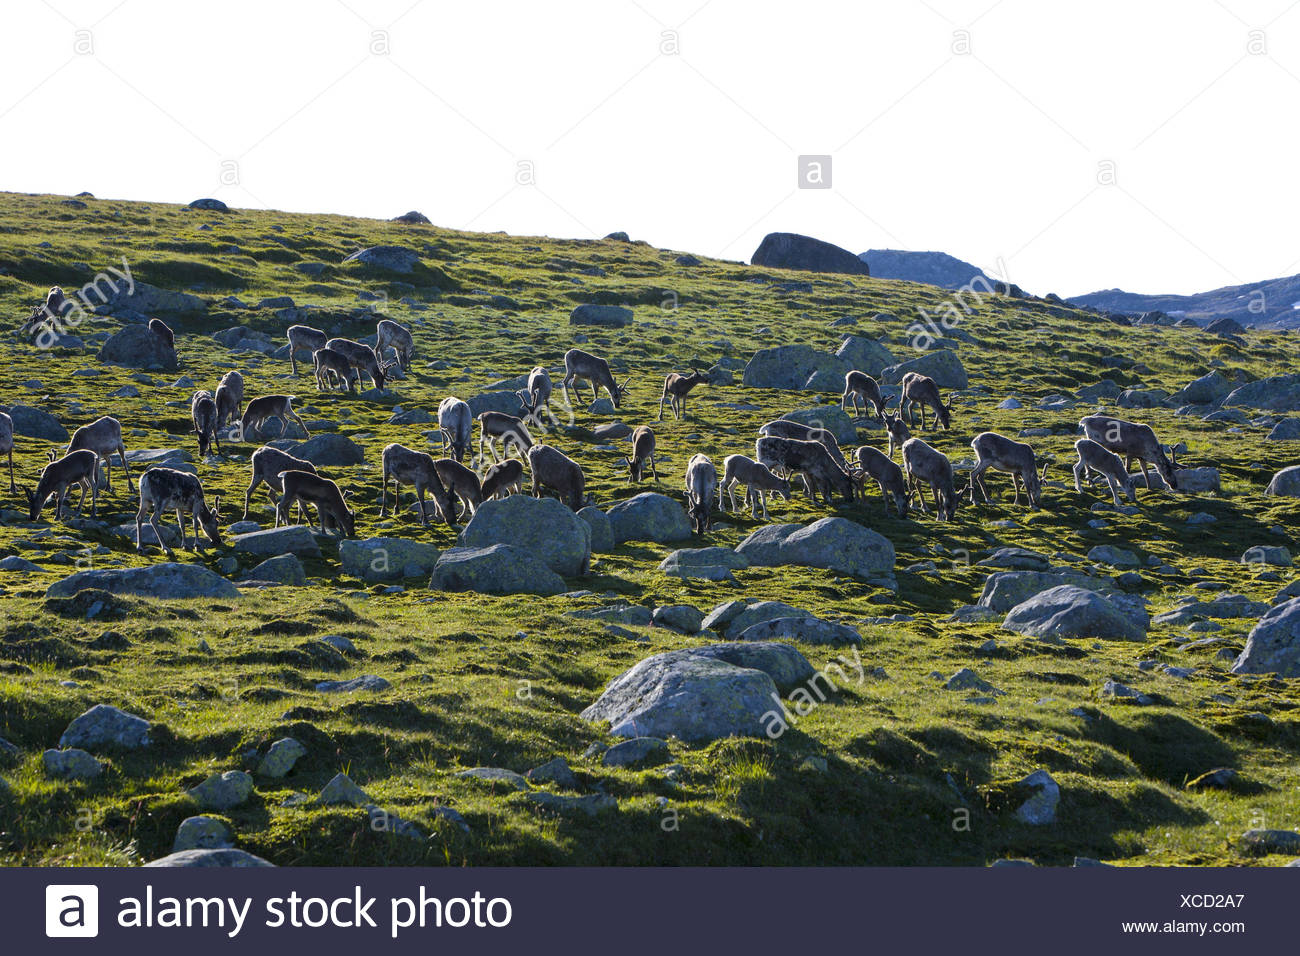 Reindeers, Valdresflya, Valdres, Jotunheimen, Oystre Slidre, Oppland, Norway, Scandinavia, - Stock Image